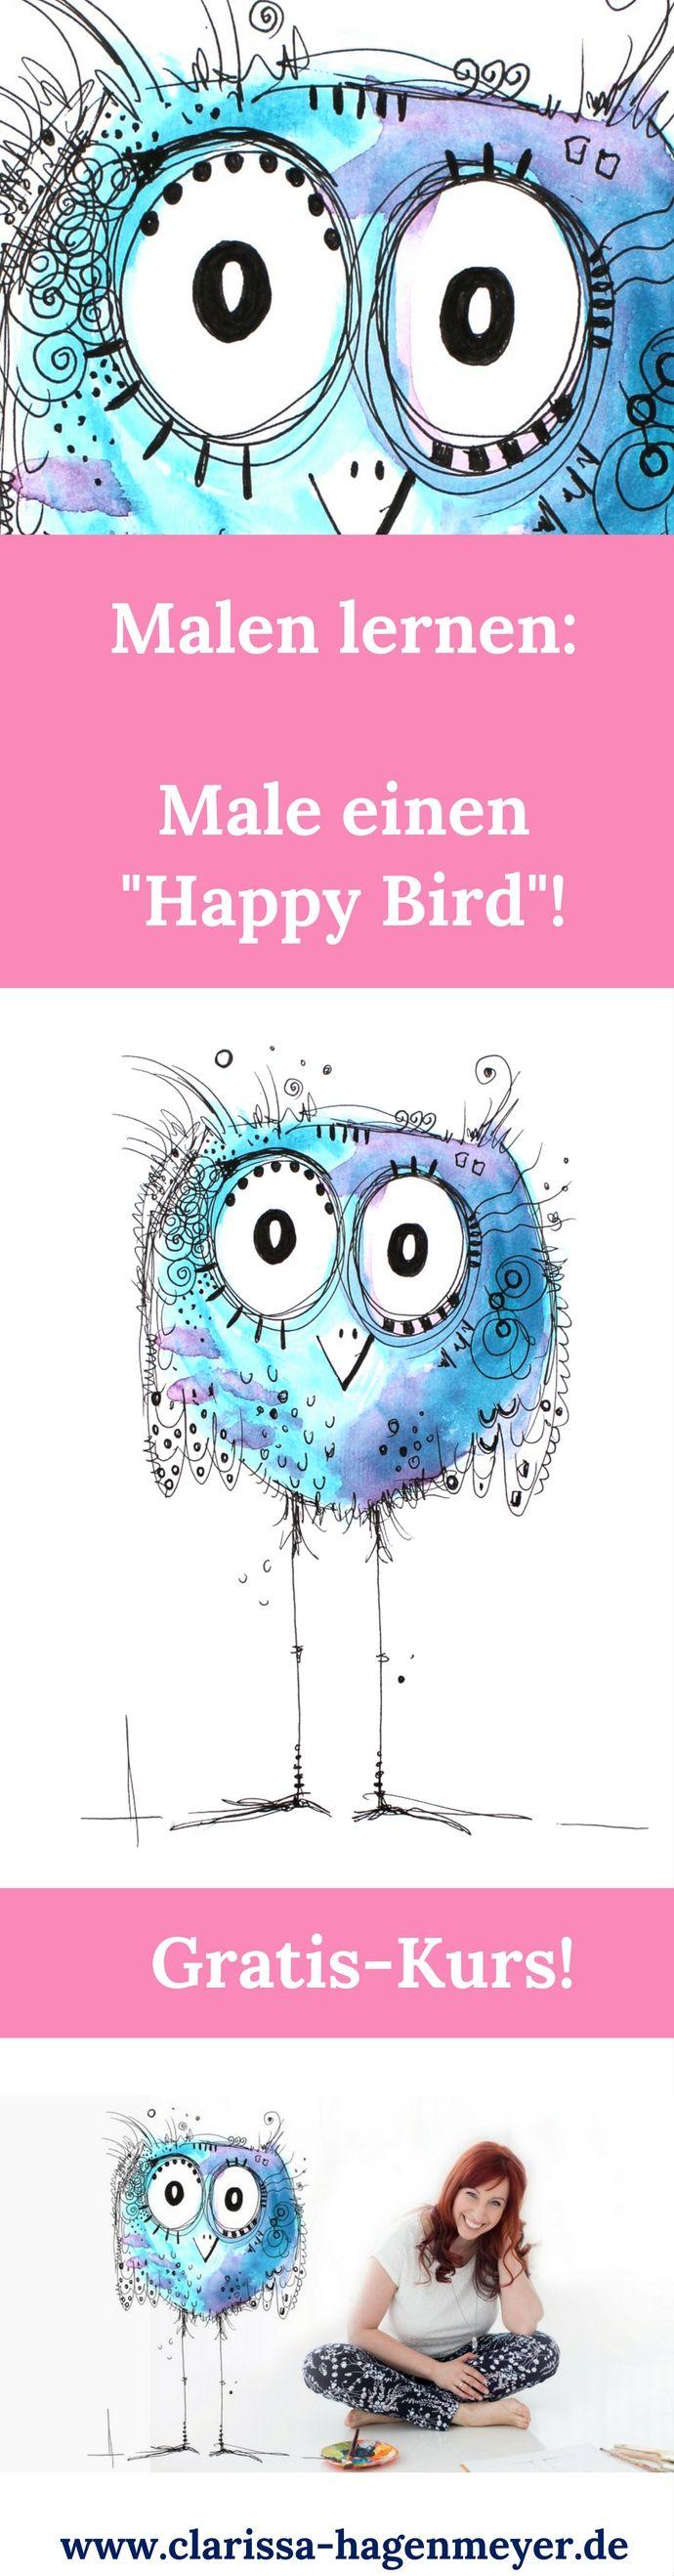 Malen lernen ganz einfach: Folge meiner Anleitung und male deinen ganz eigenen Happy Bird! Du wirst überrascht sein, wie einfach Malen sein kann - und wie viel Spaß es macht!